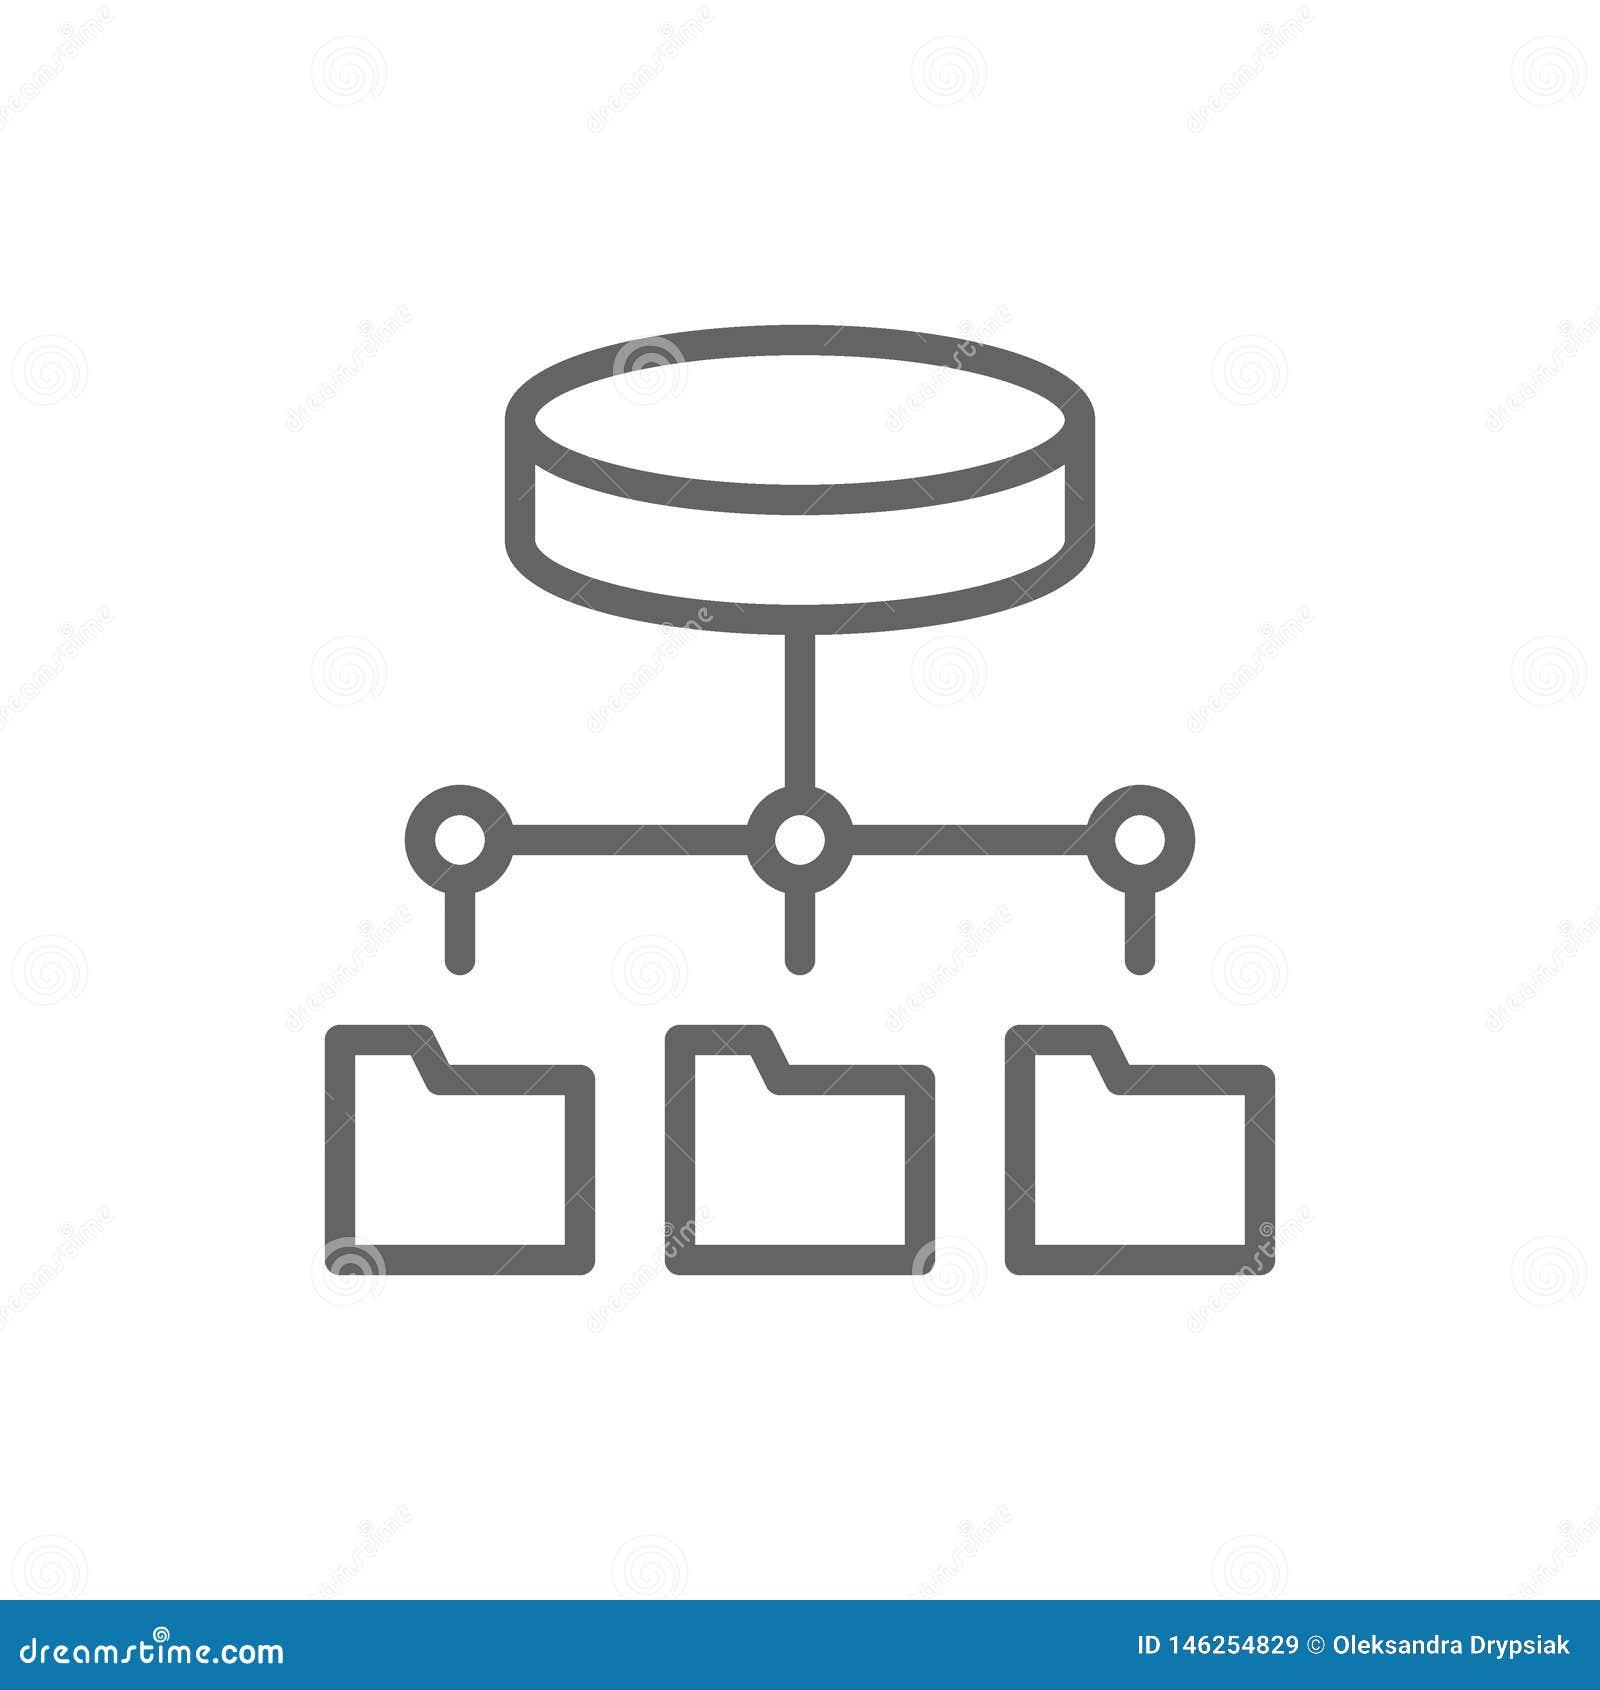 Φιλοξενία φακέλλων, κεντρικός υπολογιστής FTP, ενημέρωση λογισμικού, εικονίδιο γραμμών αποθήκευσης στοιχείων